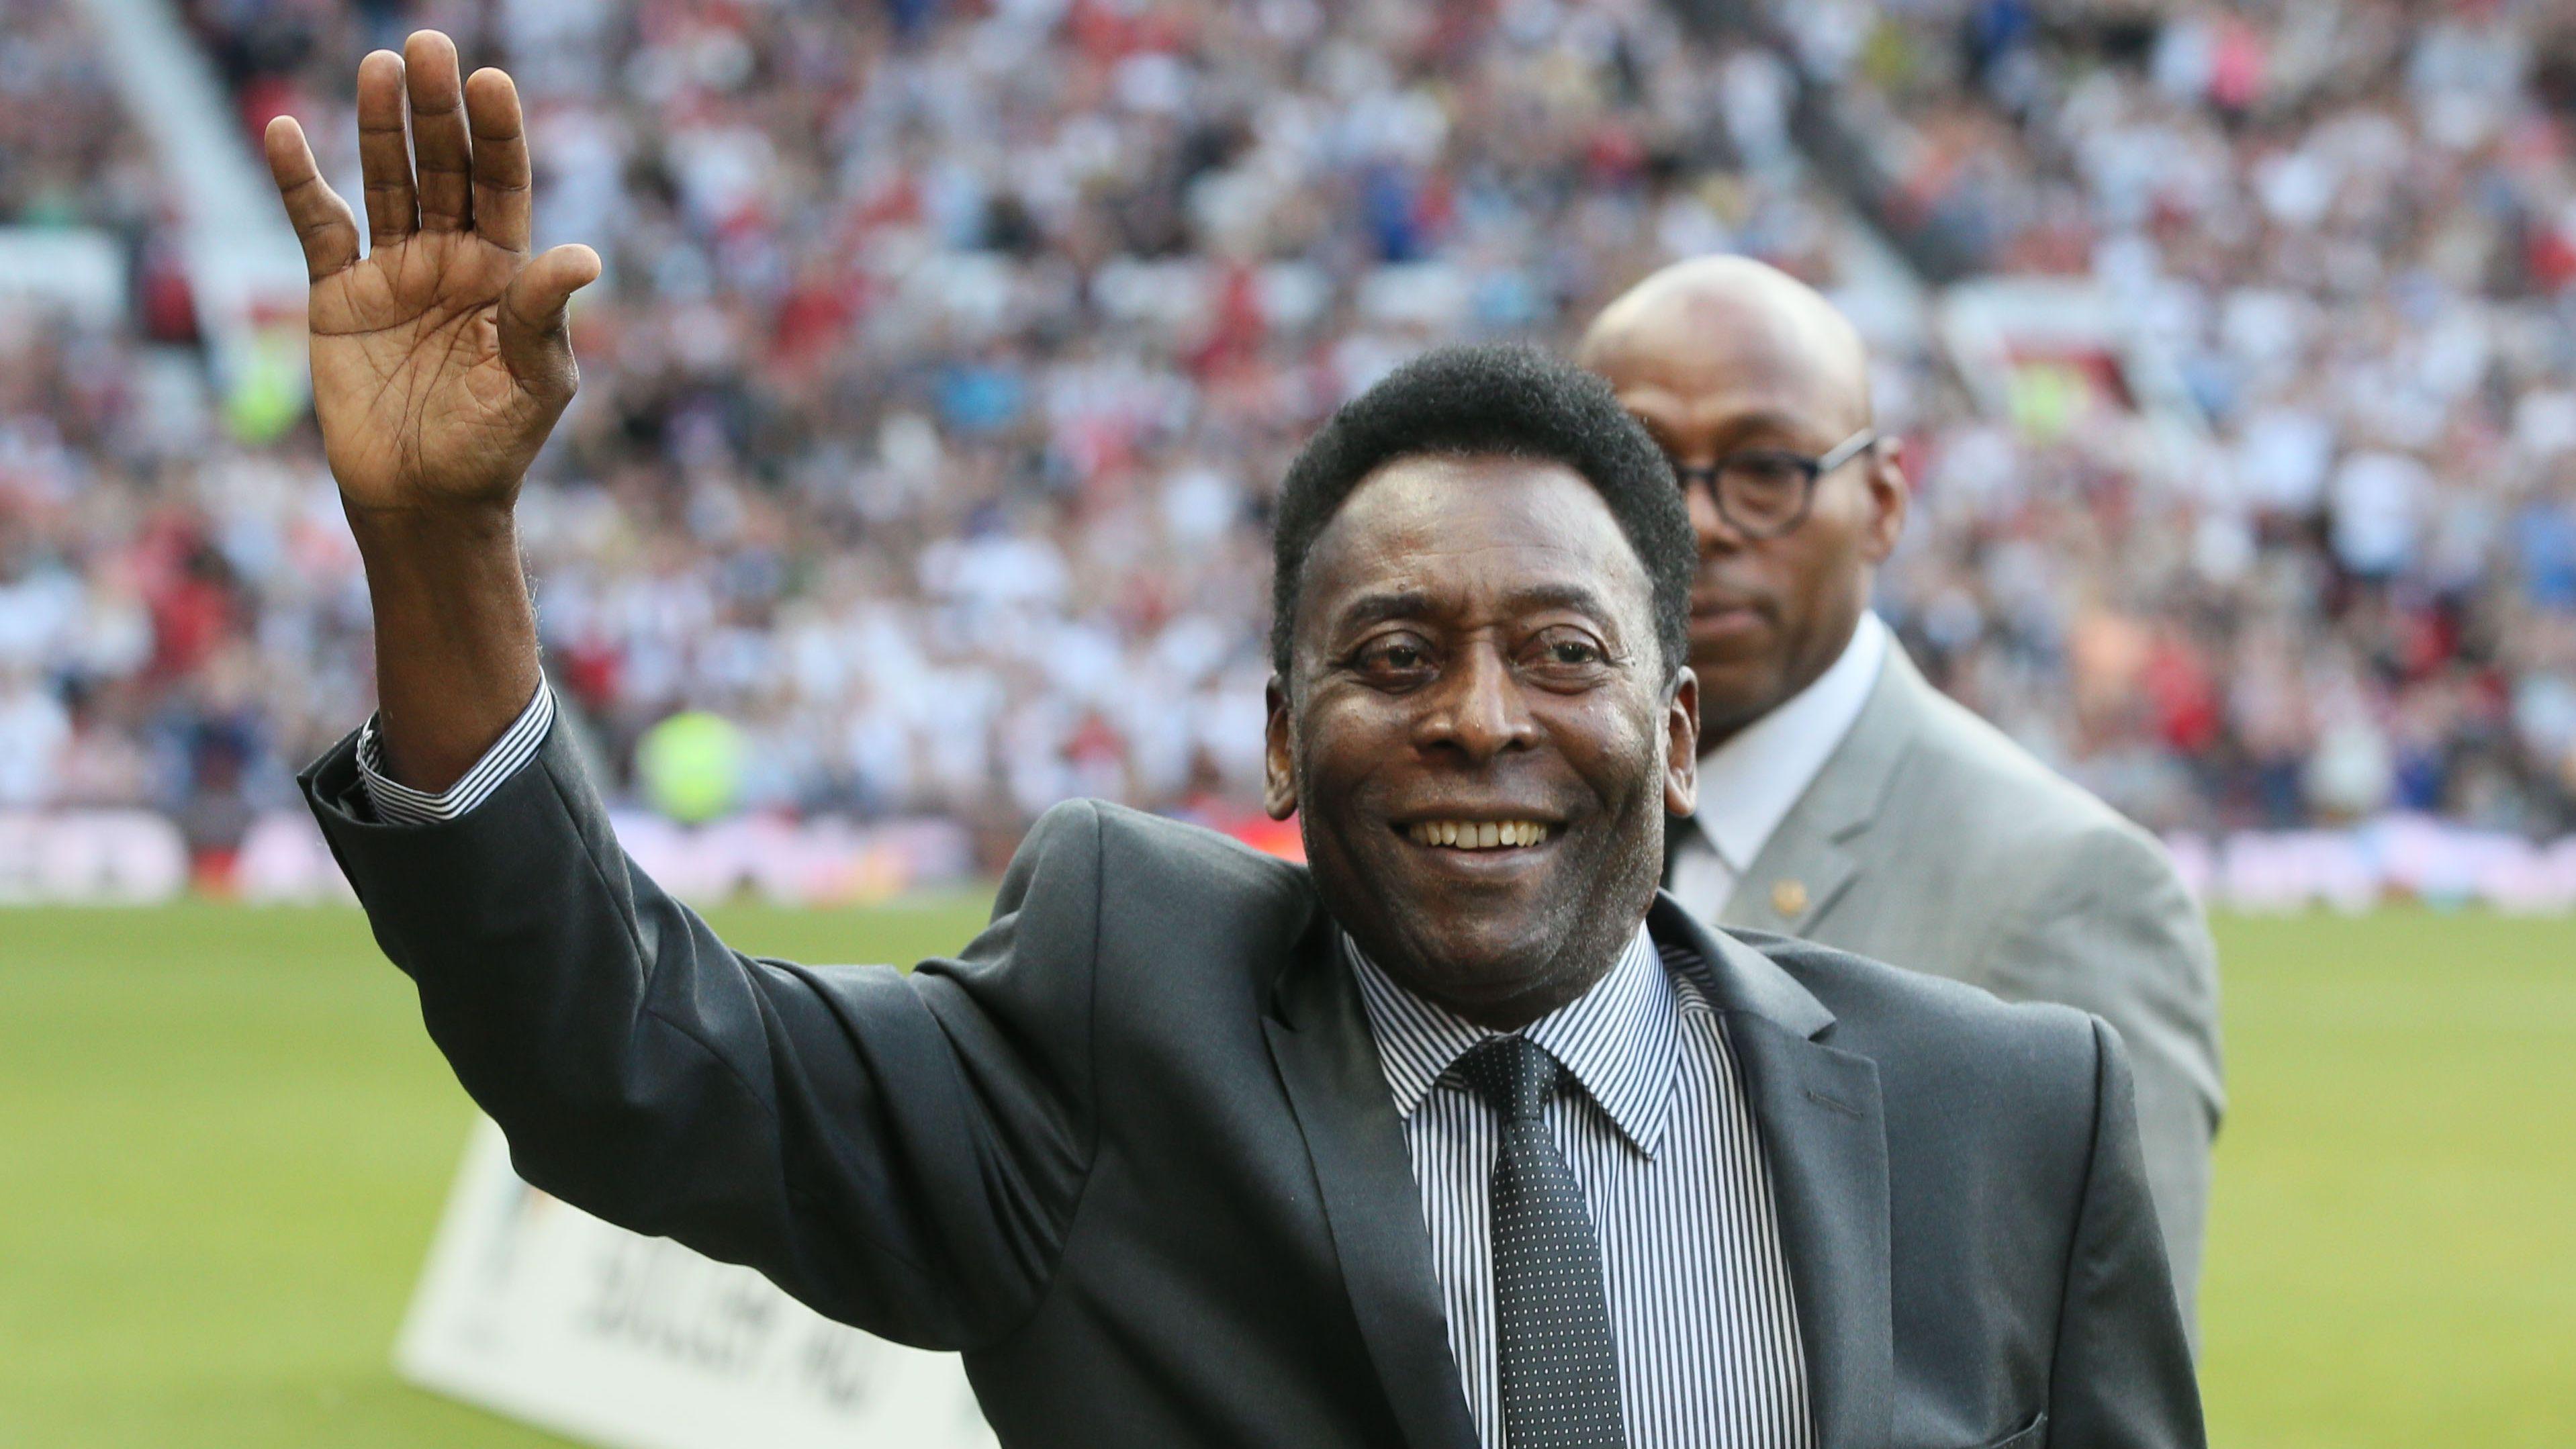 Pelé habló sobre su estado de ánimo después de que su hijo dijo que sufría de depresión (Shutterstock)